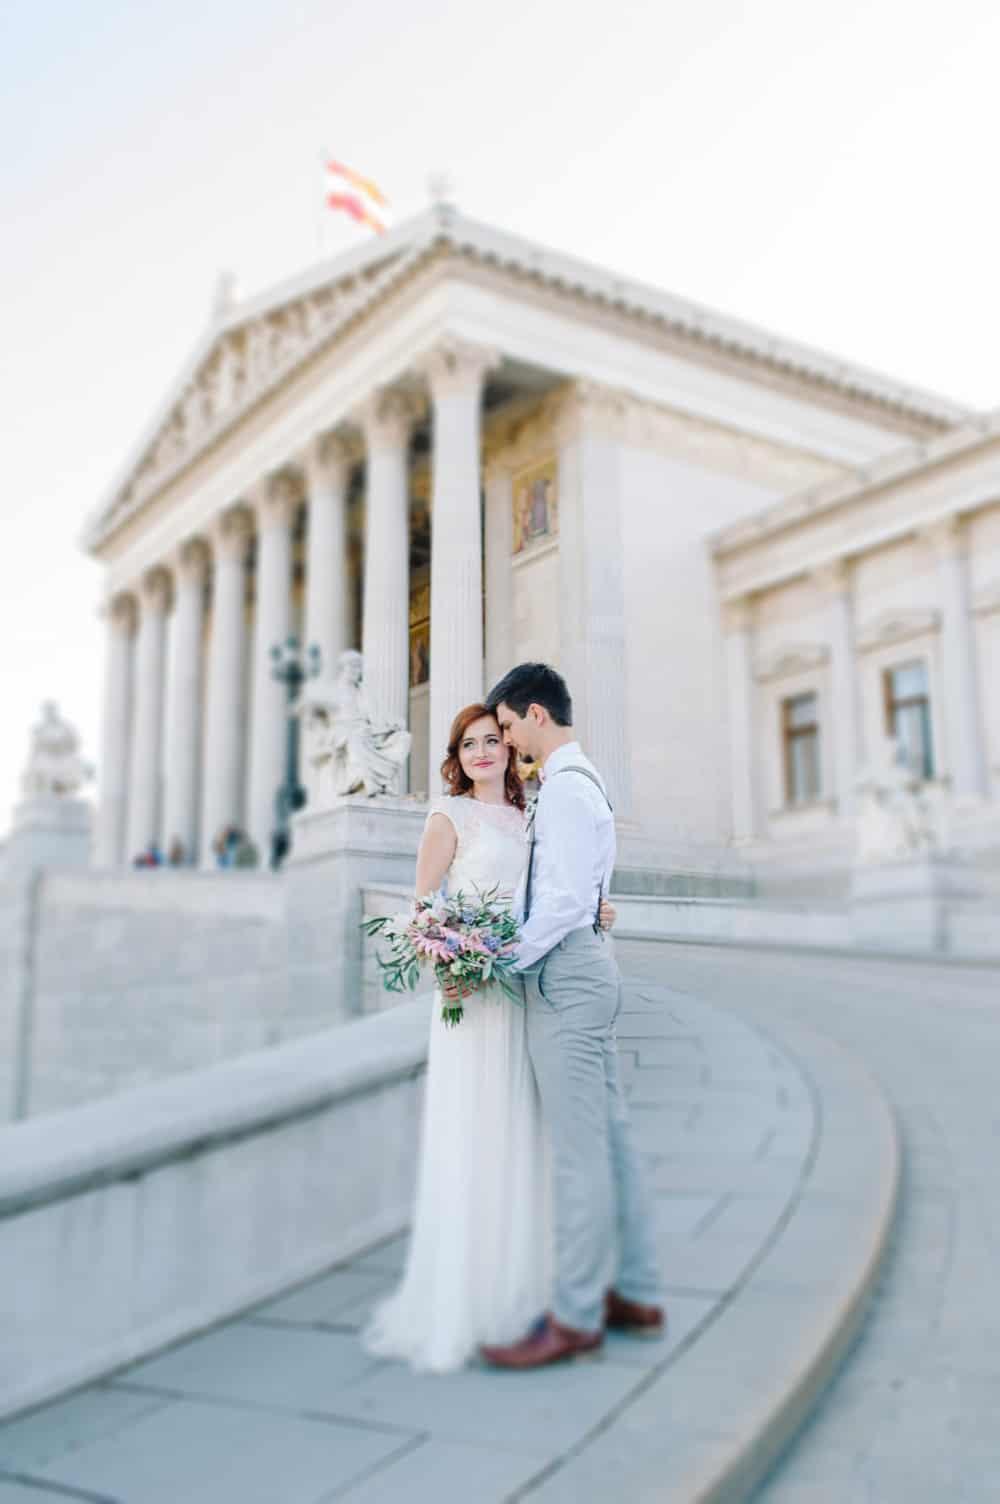 hochzeitsfotograf_thomasschwede_after_wedding_fotos_in_wien_0702